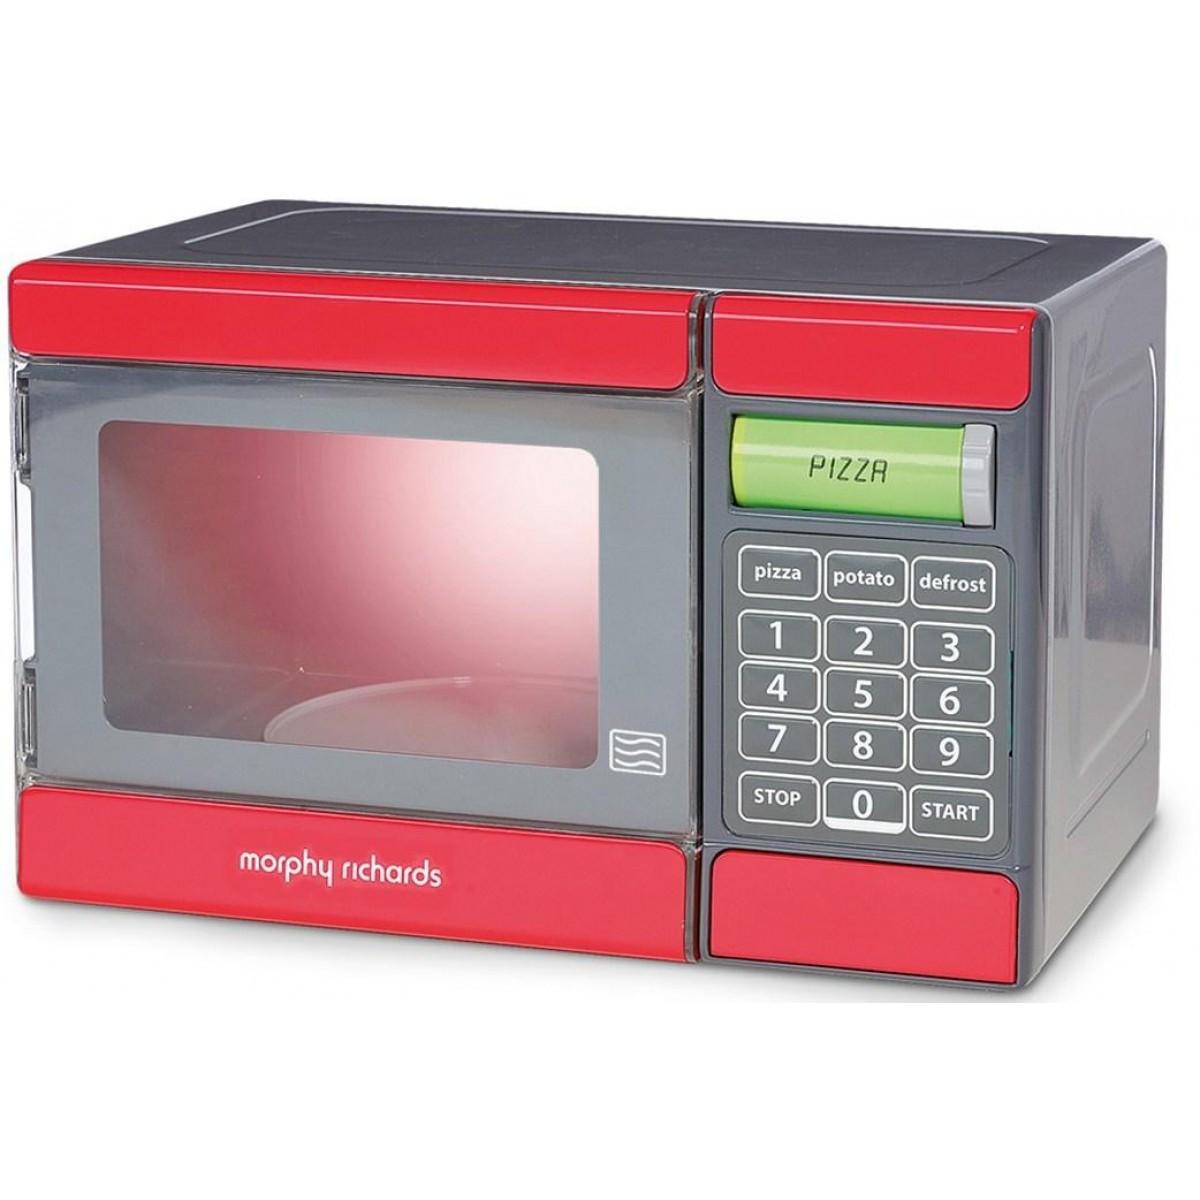 Микроволновая печь - Morphy RichardsАксессуары и техника для детской кухни<br>Микроволновая печь - Morphy Richards<br>